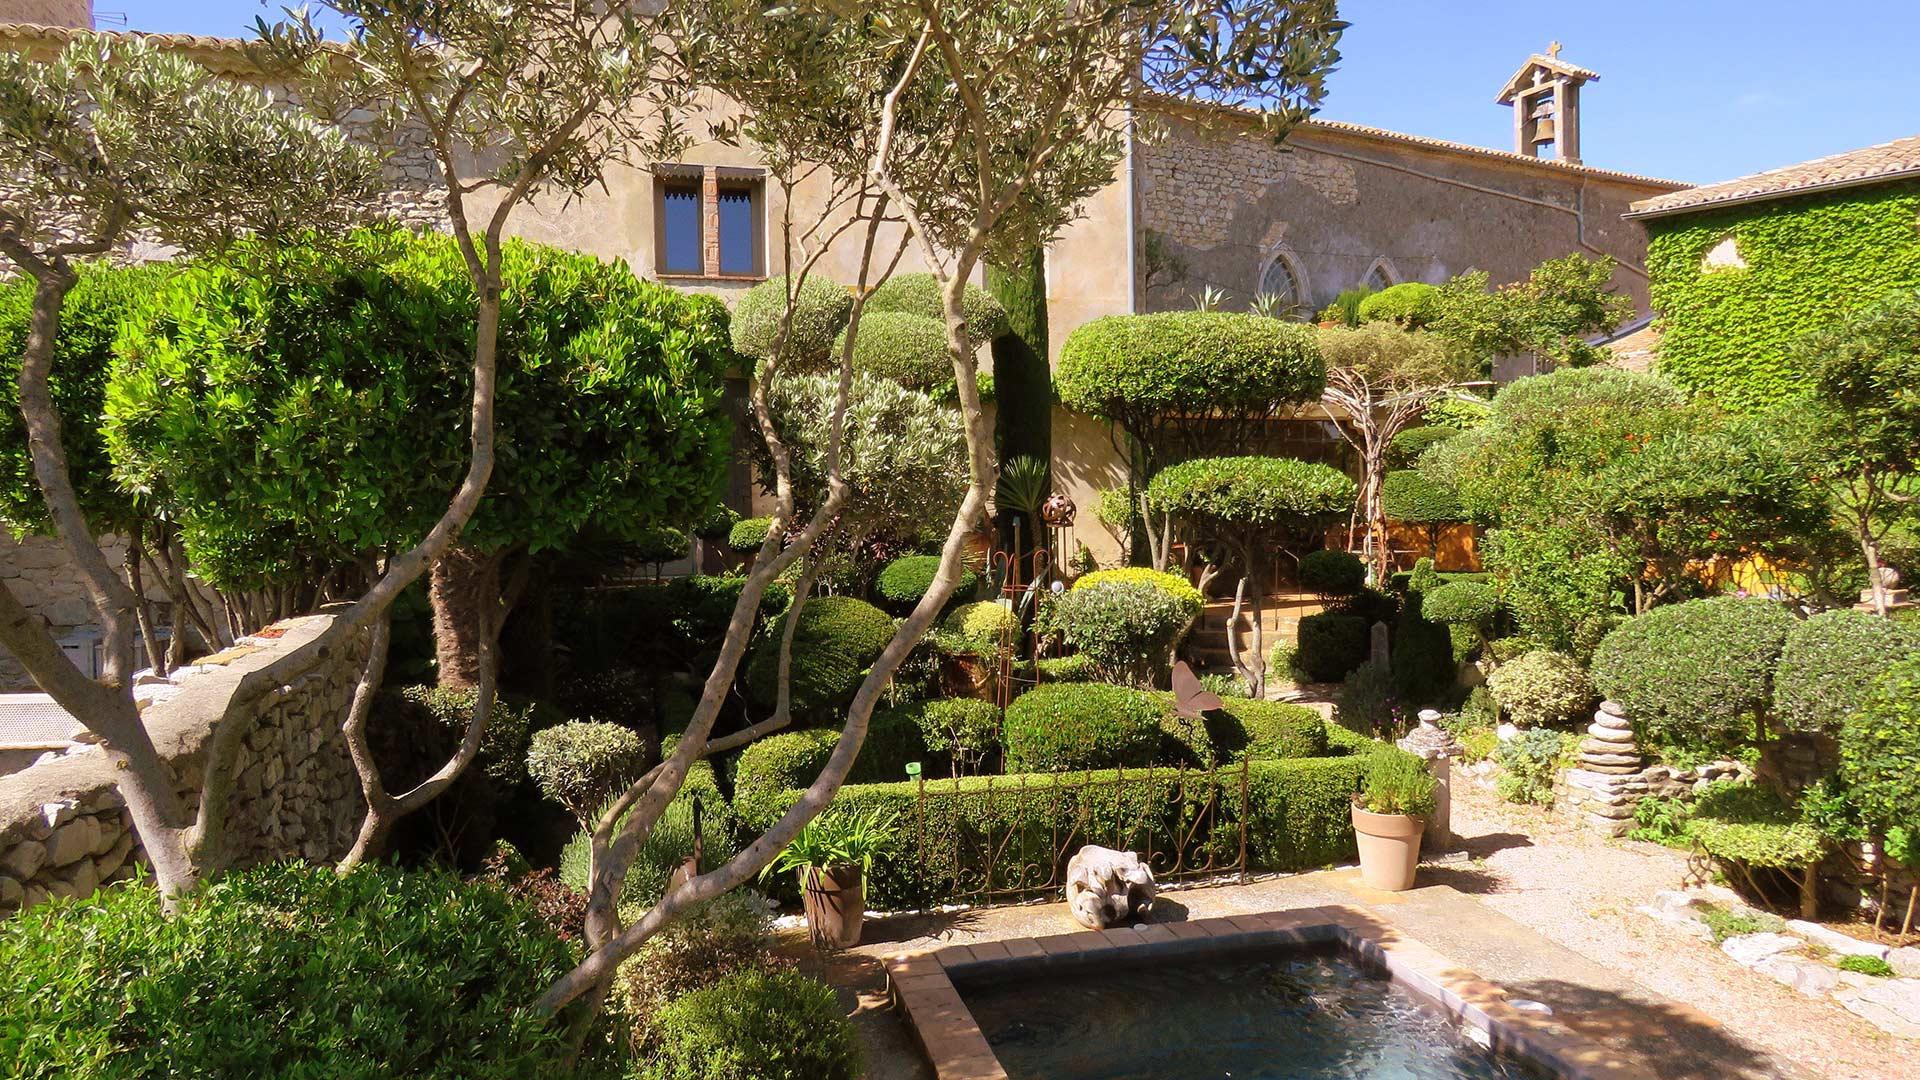 Les buis de Lussan | Chambres d'hôtes jardin